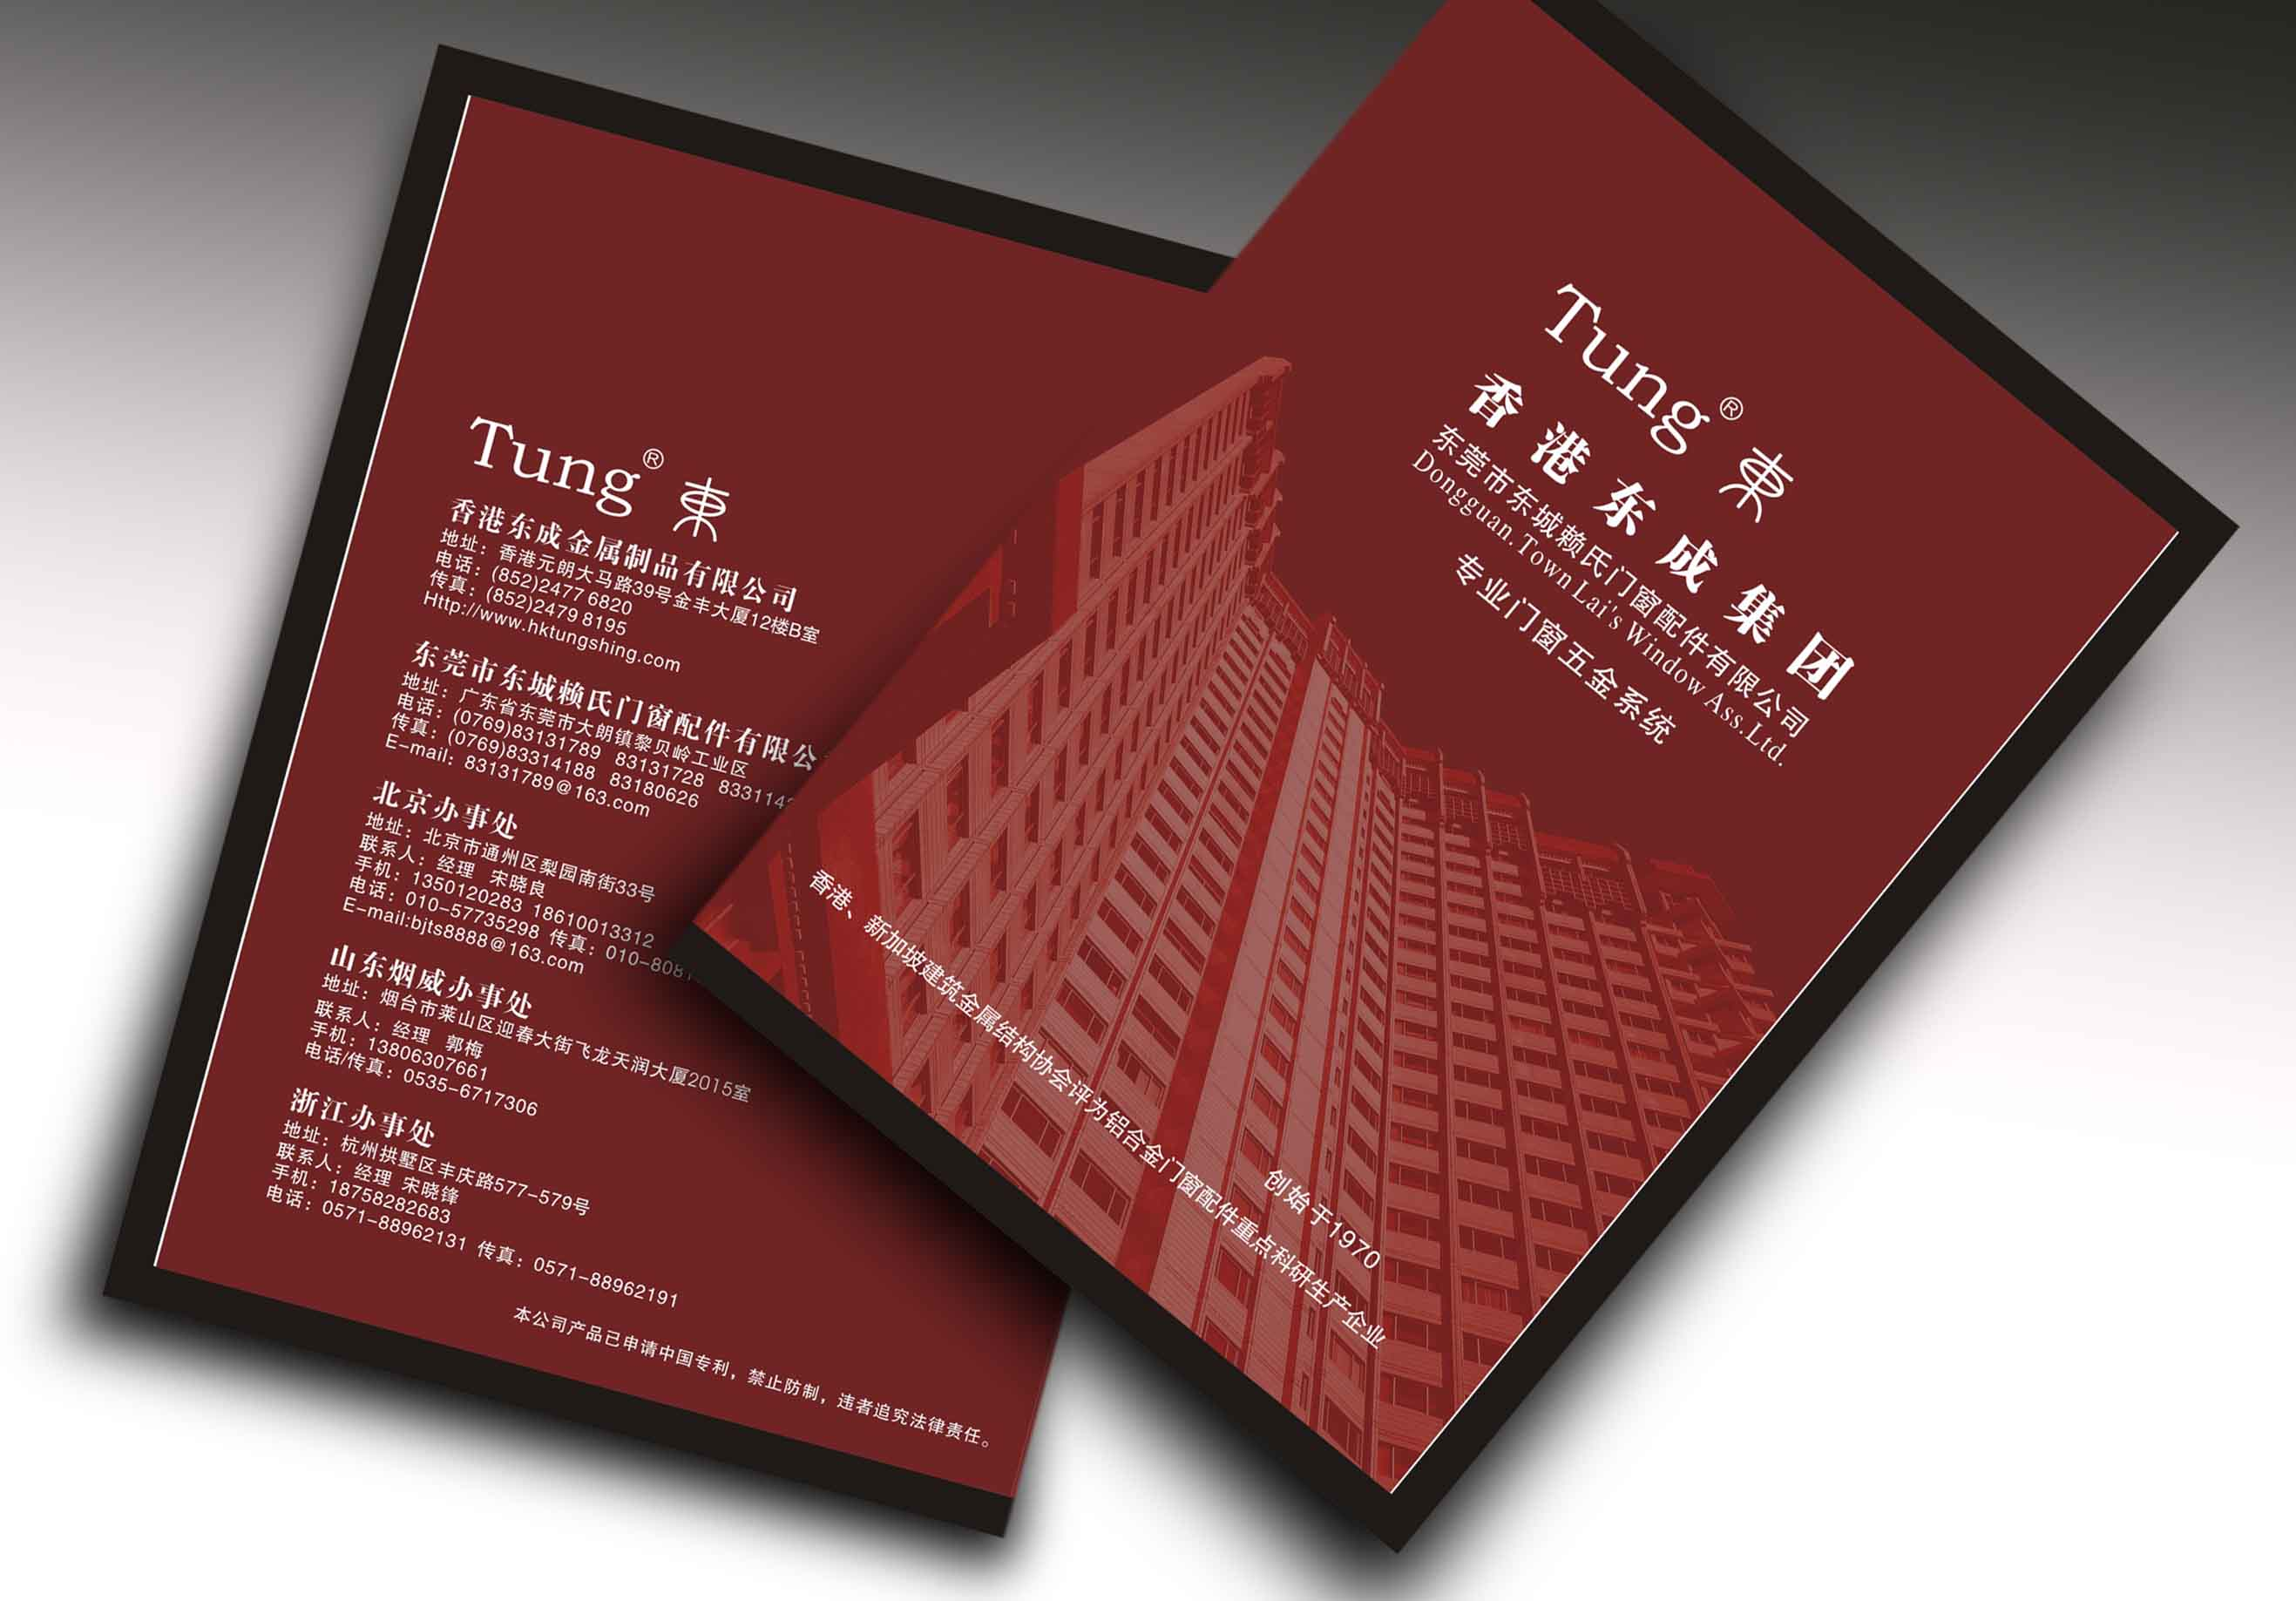 印刷 其他未分类 东莞市超越摄影设计有限公司 产品展示 > 东城画册图片